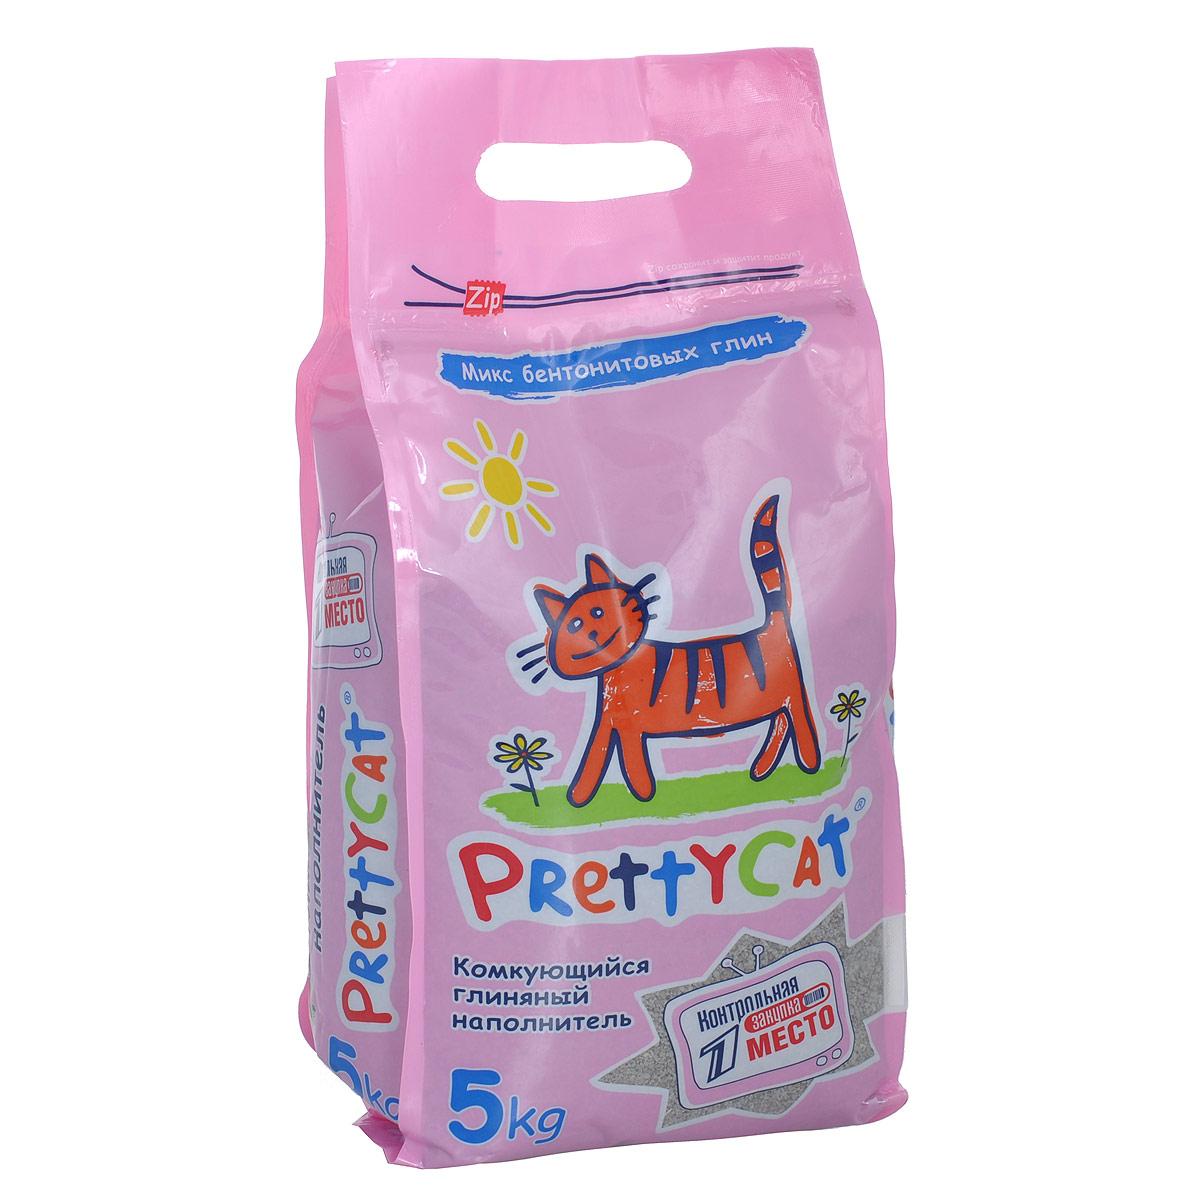 Наполнитель для кошачьих туалетов PrettyCat Euro Mix, комкующийся, 5 кг. 6202910120710Наполнитель для кошачьих туалетов PrettyCat Euro Mix - это 100% натуральный комкующийся наполнитель. Изготовлен из запатентованной смеси бентонитовых глин двух лучших месторождений европейского качества. Идеально впитывает влагу, прекрасно комкается в идеально ровные шарики. Уничтожает запахи и обеспечивает двойное обеспыливание. Не содержит ароматизаторов и пыли. Антибактериален. Небольшой размер гранул идеально подходит для котят и их нежных лапок. Характеристики: Материал: смесь бентонитовых глин. Вес: 5 кг.